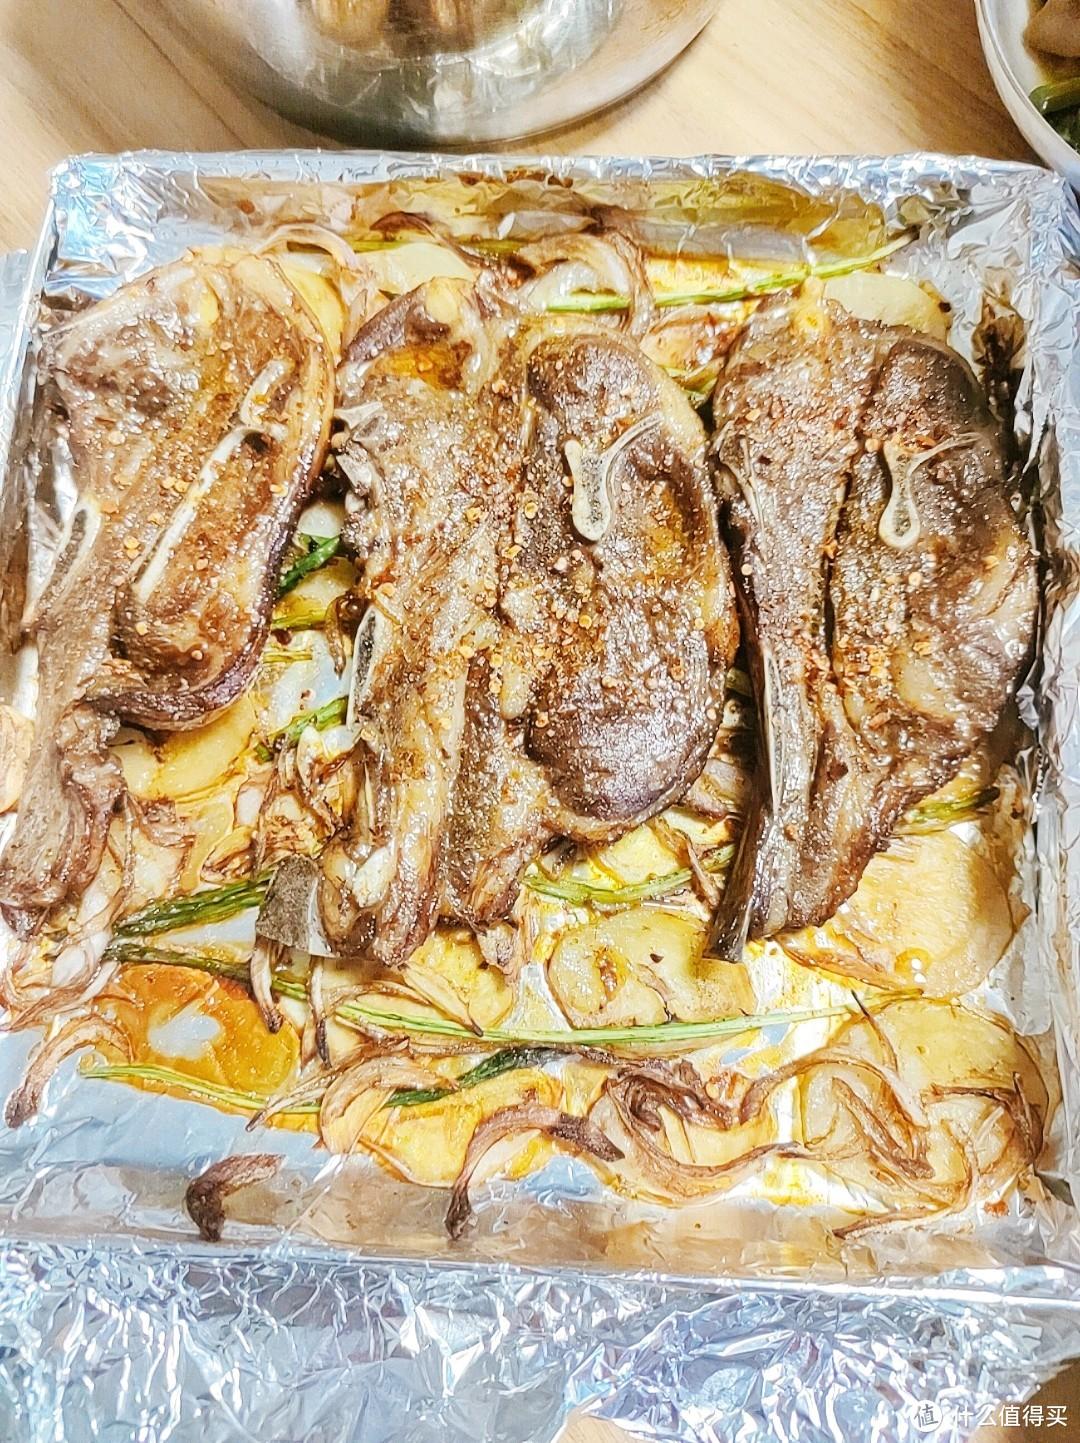 厨房小白也能轻松驾驭的神级宴客硬菜——烤羊排!